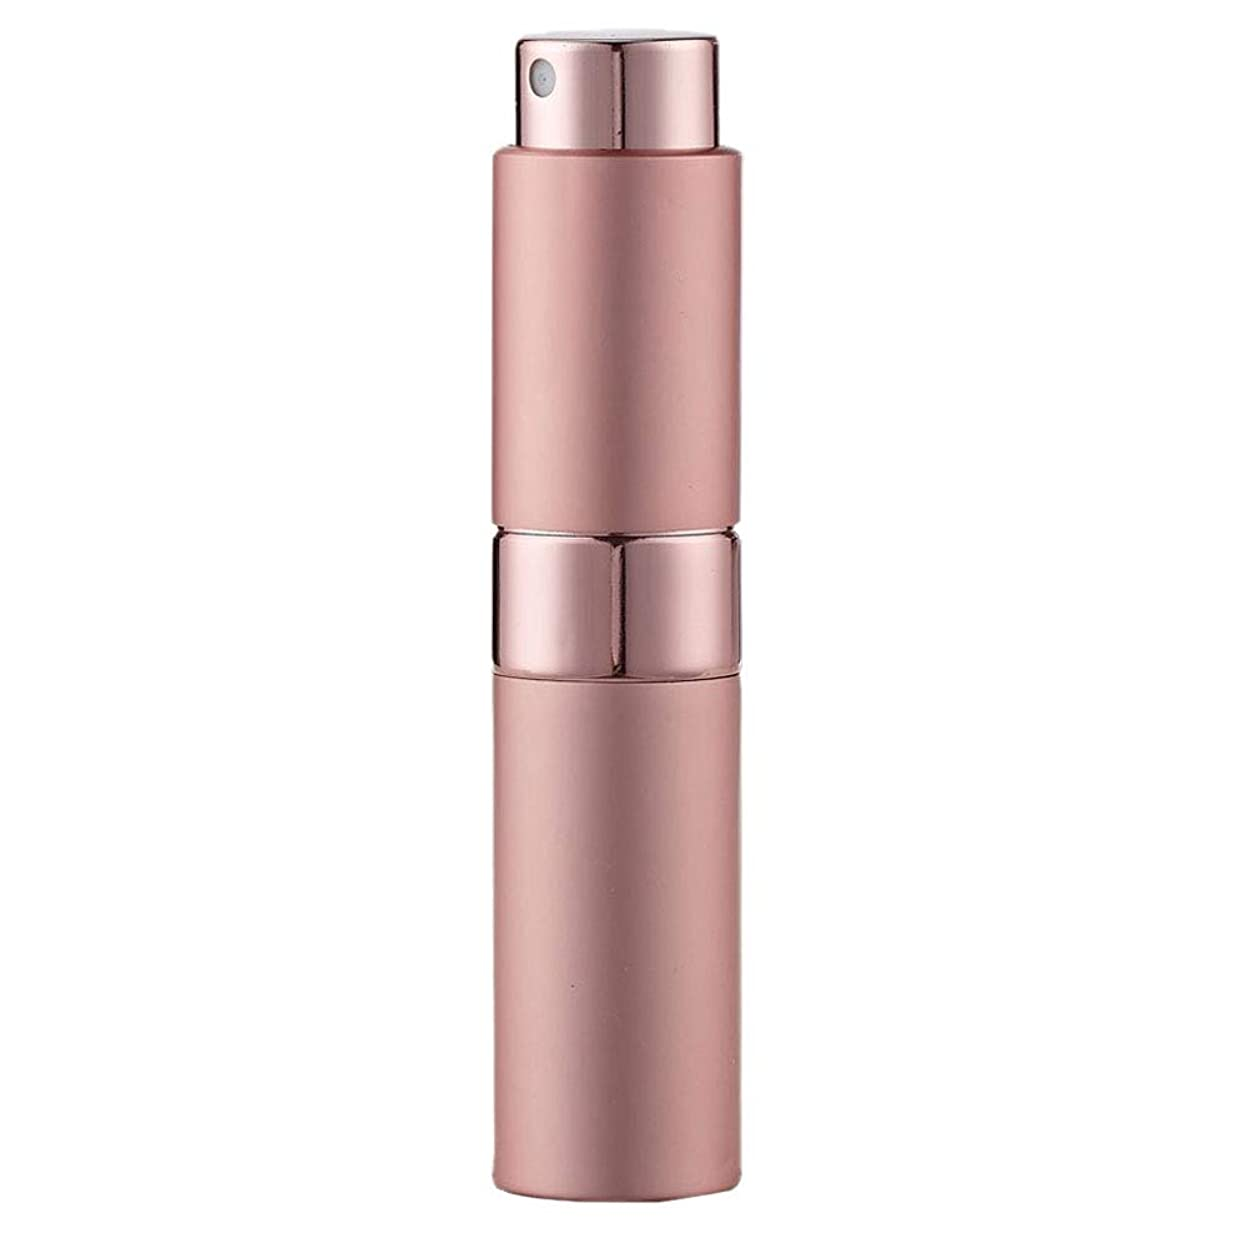 クランプ根絶する呼び出すLadygogo 香水アトマイザーセット 回転プッシュ式 スプレー ボトル 香水スプレー 詰め替え 持ち運び 身だしなみ 携帯用 男女兼用 (ピンク)